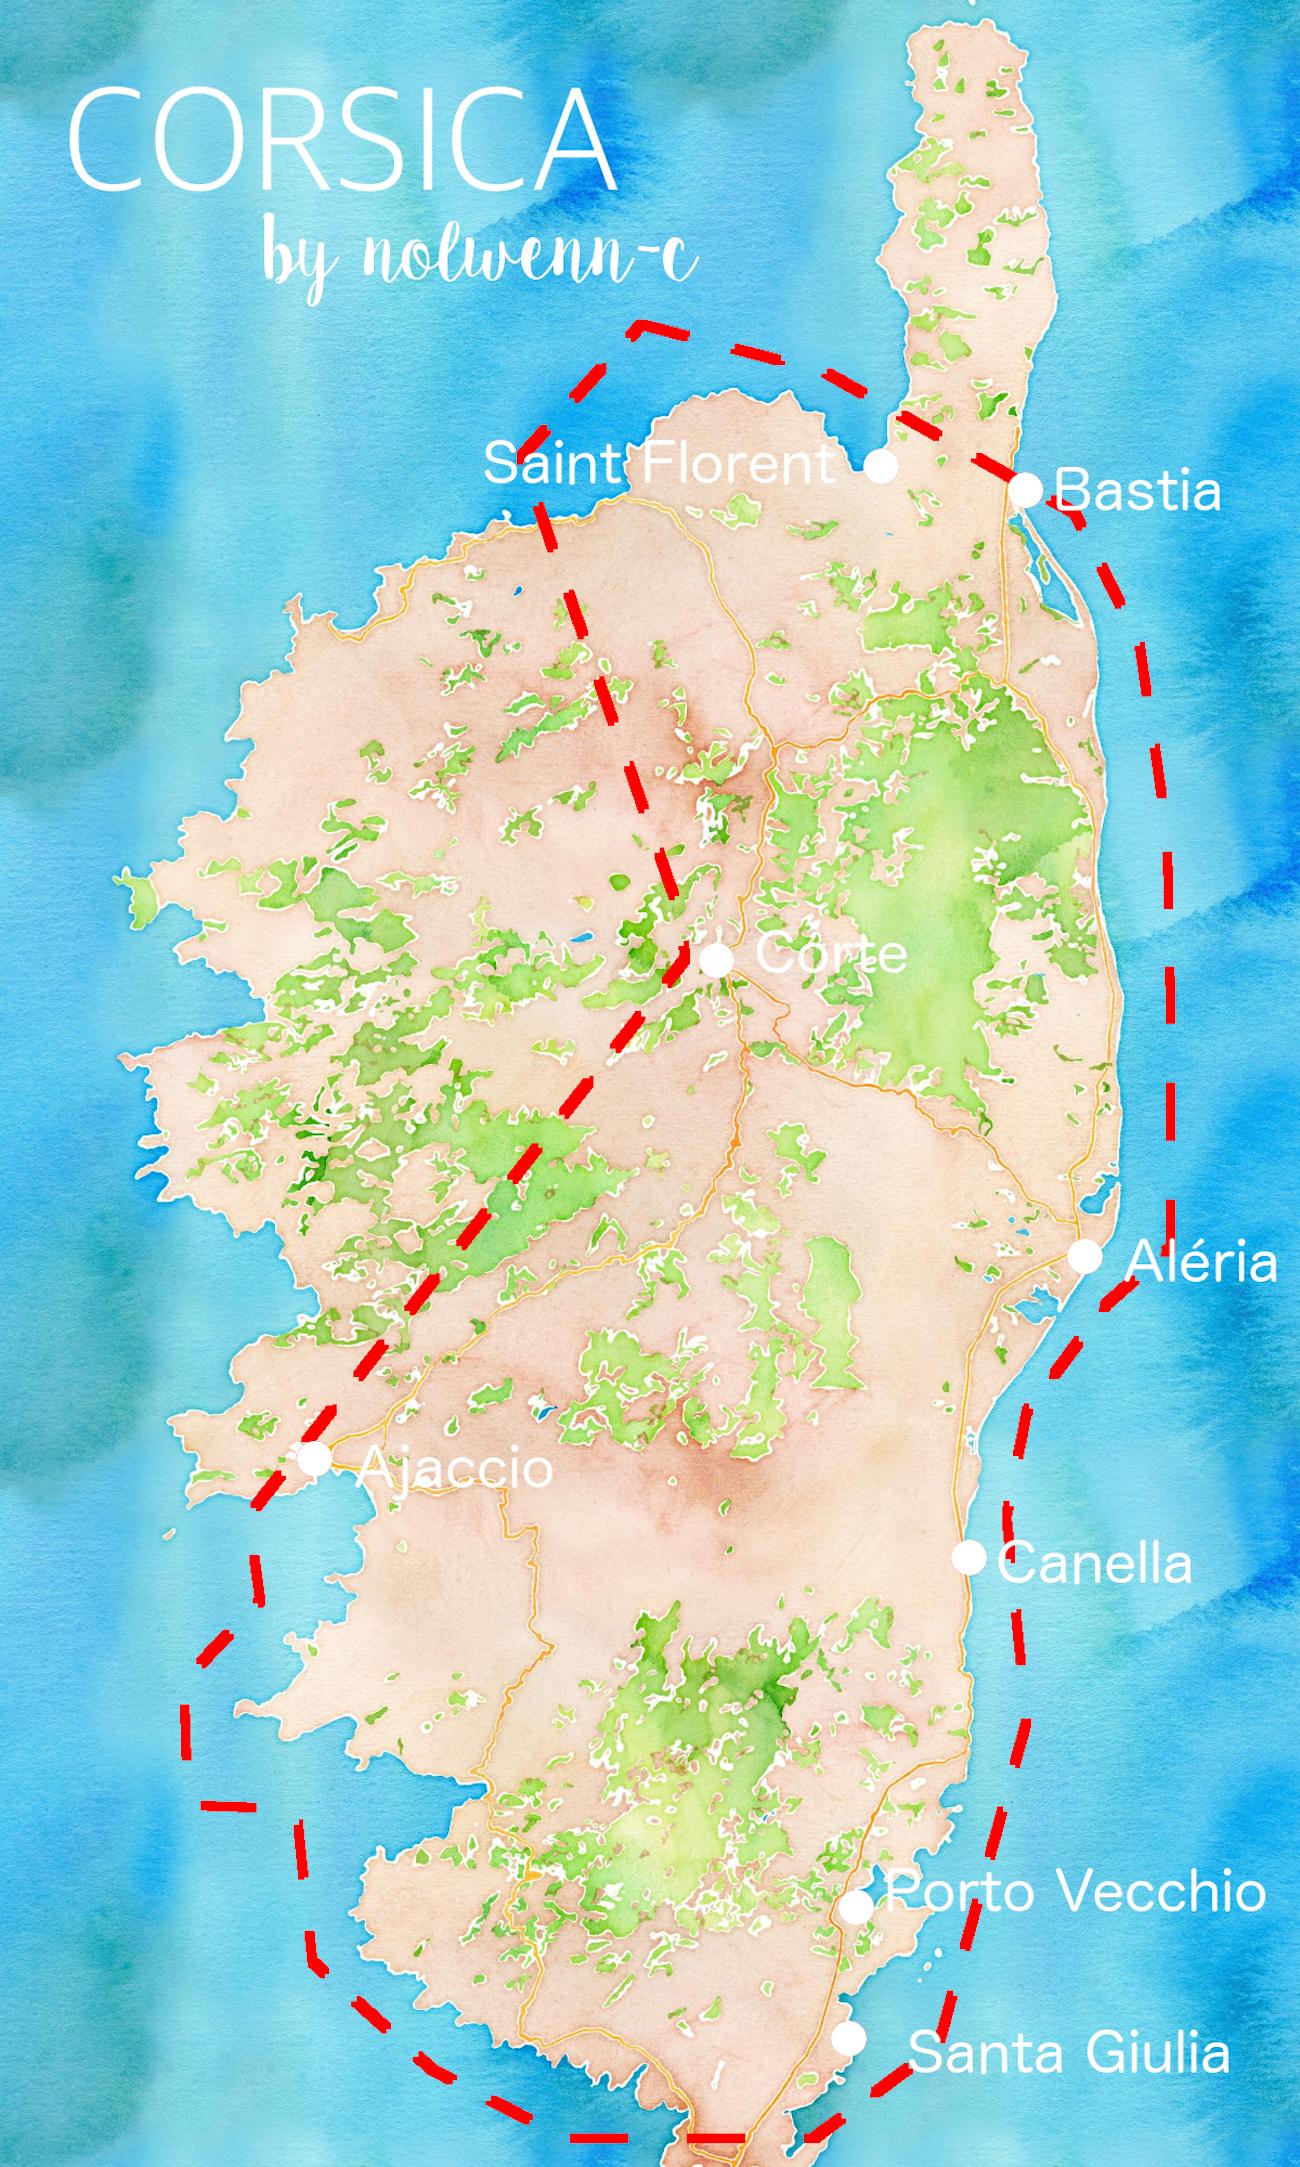 Corse - Road trip bonnes adresses - Blog Voyage nantes 2